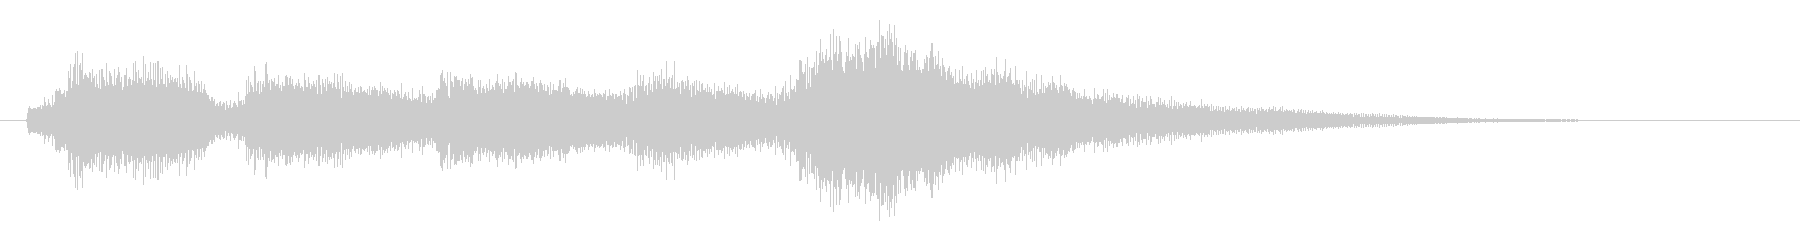 ギタークリーントーンのサウンドロゴの未再生の波形